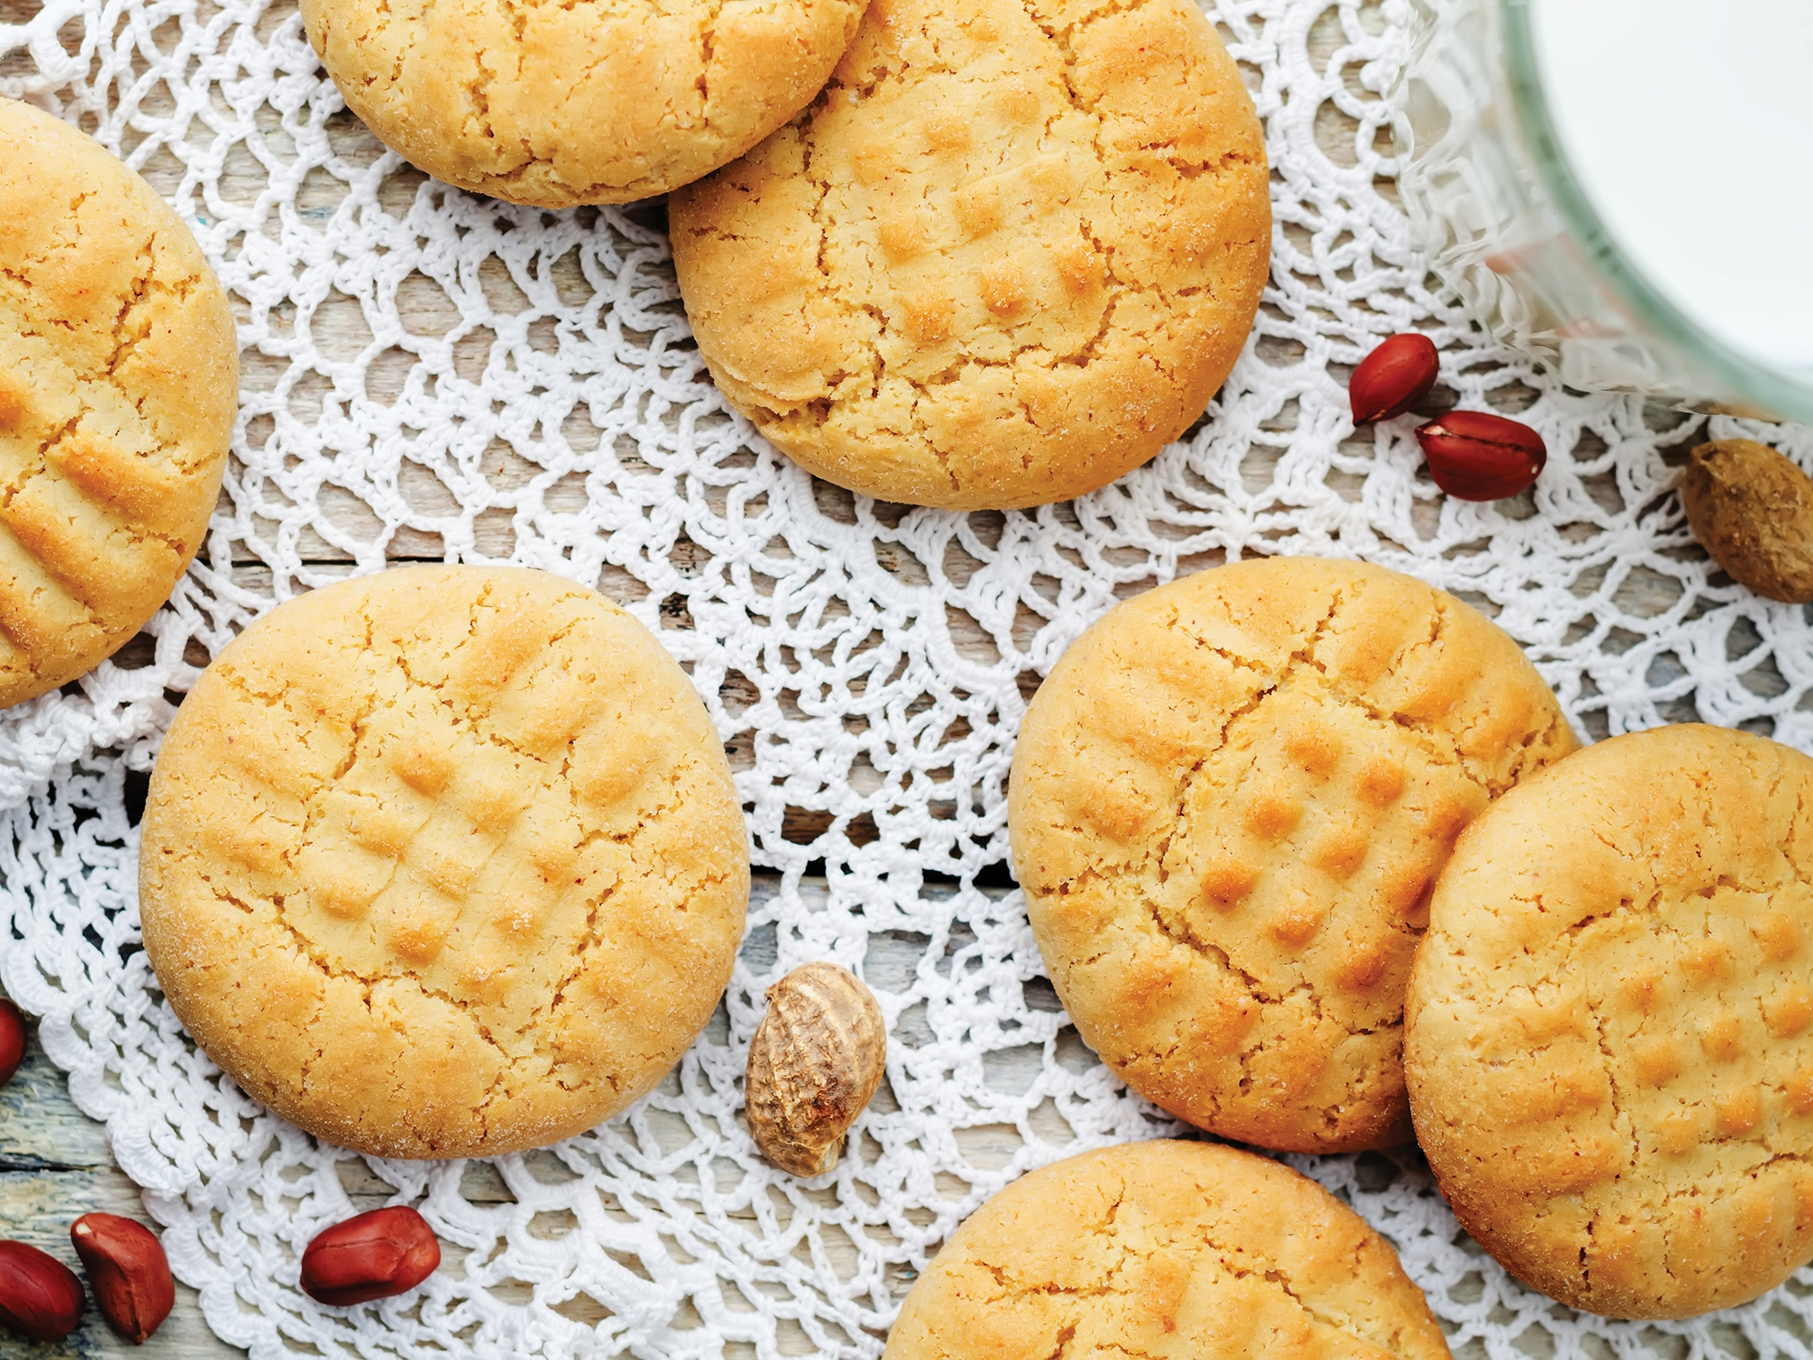 peanut-butter-cookies-PWV92N5.jpg